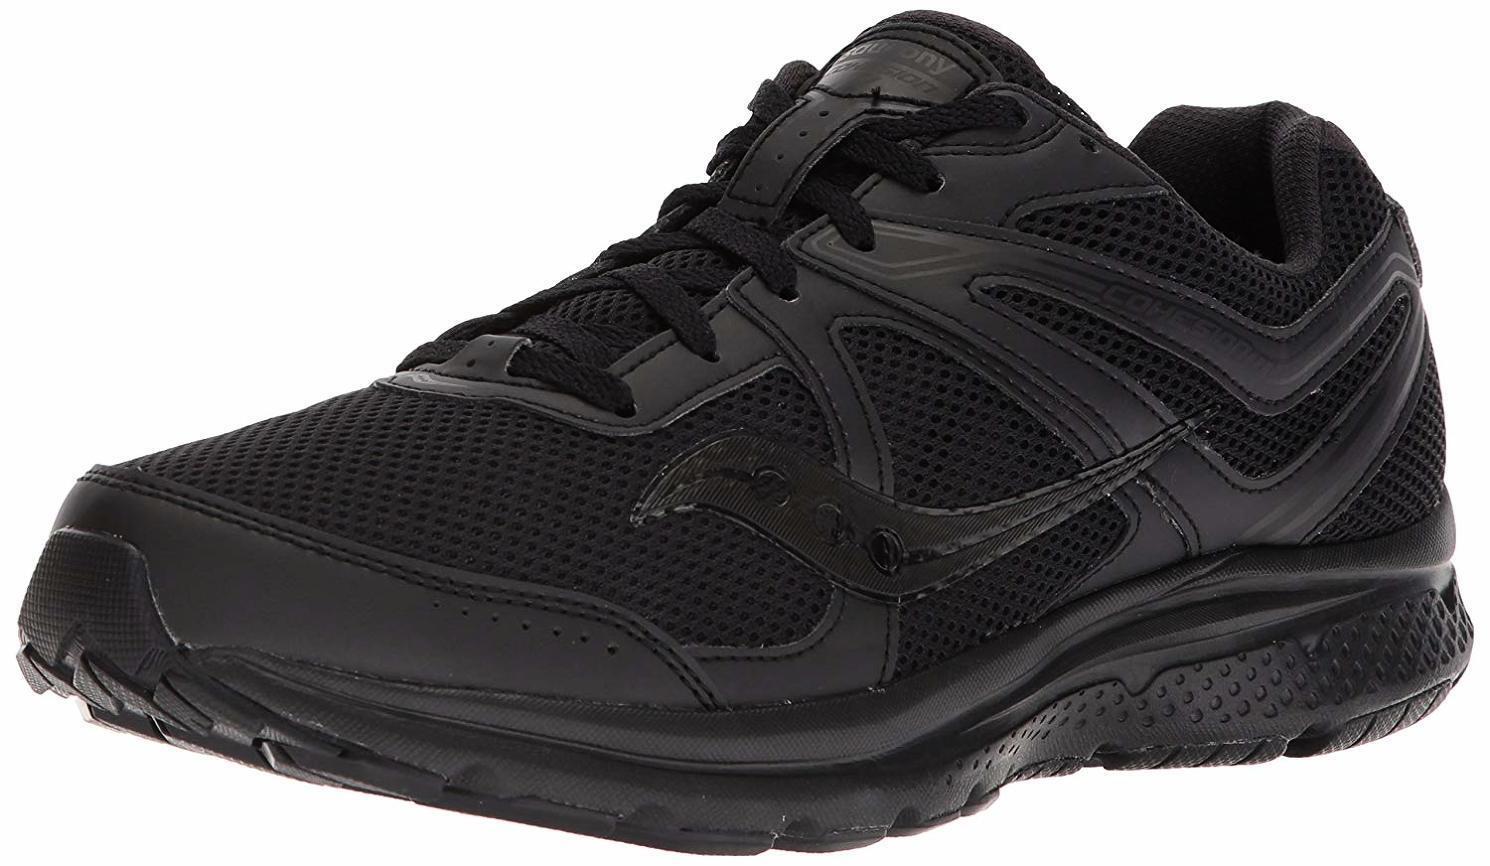 Saucony Men's Cohesion 11 Running shoes - Choose SZ color